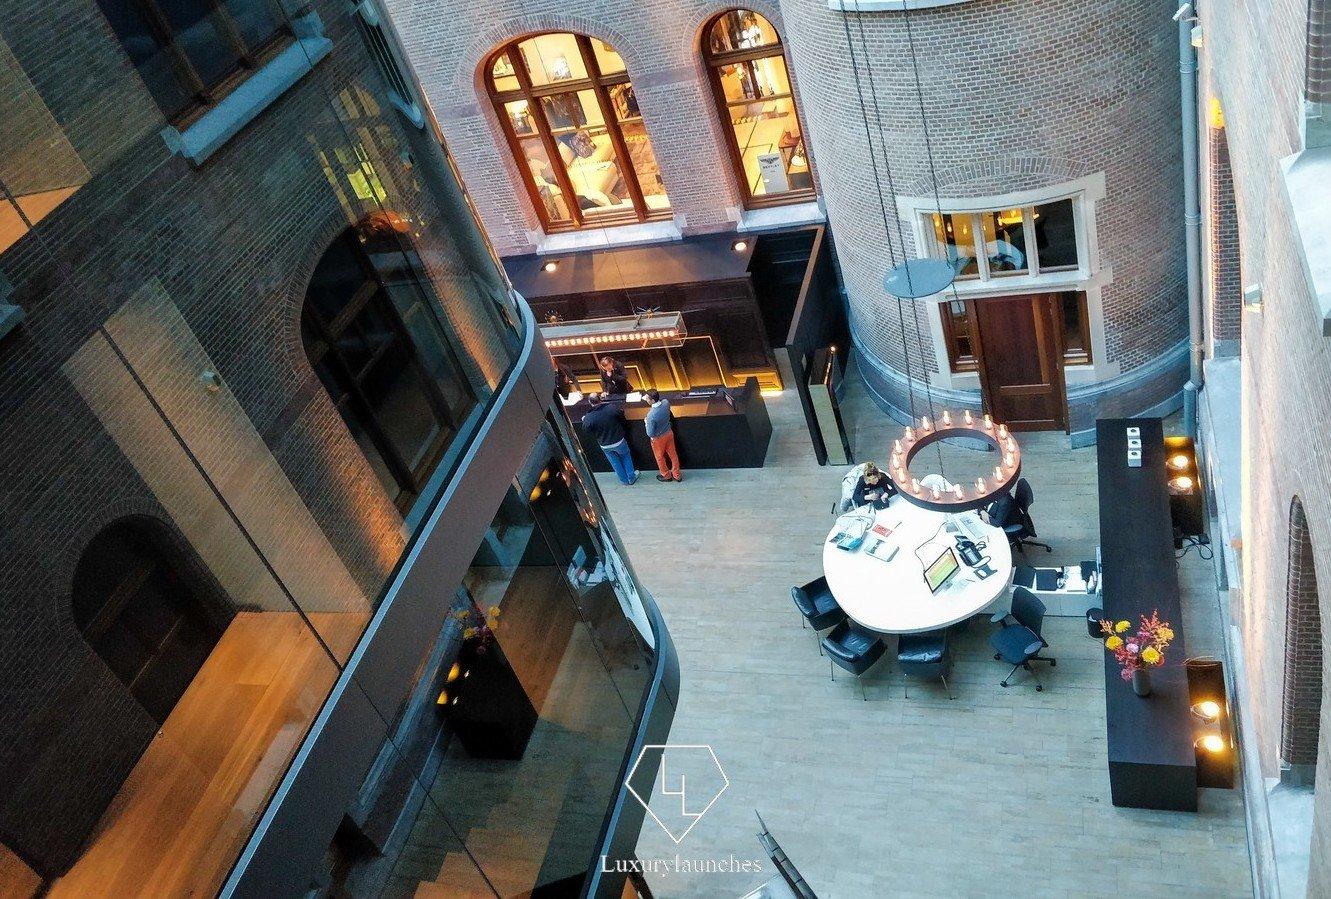 conservatorium-hotel-concierge.jpg (1331×899)